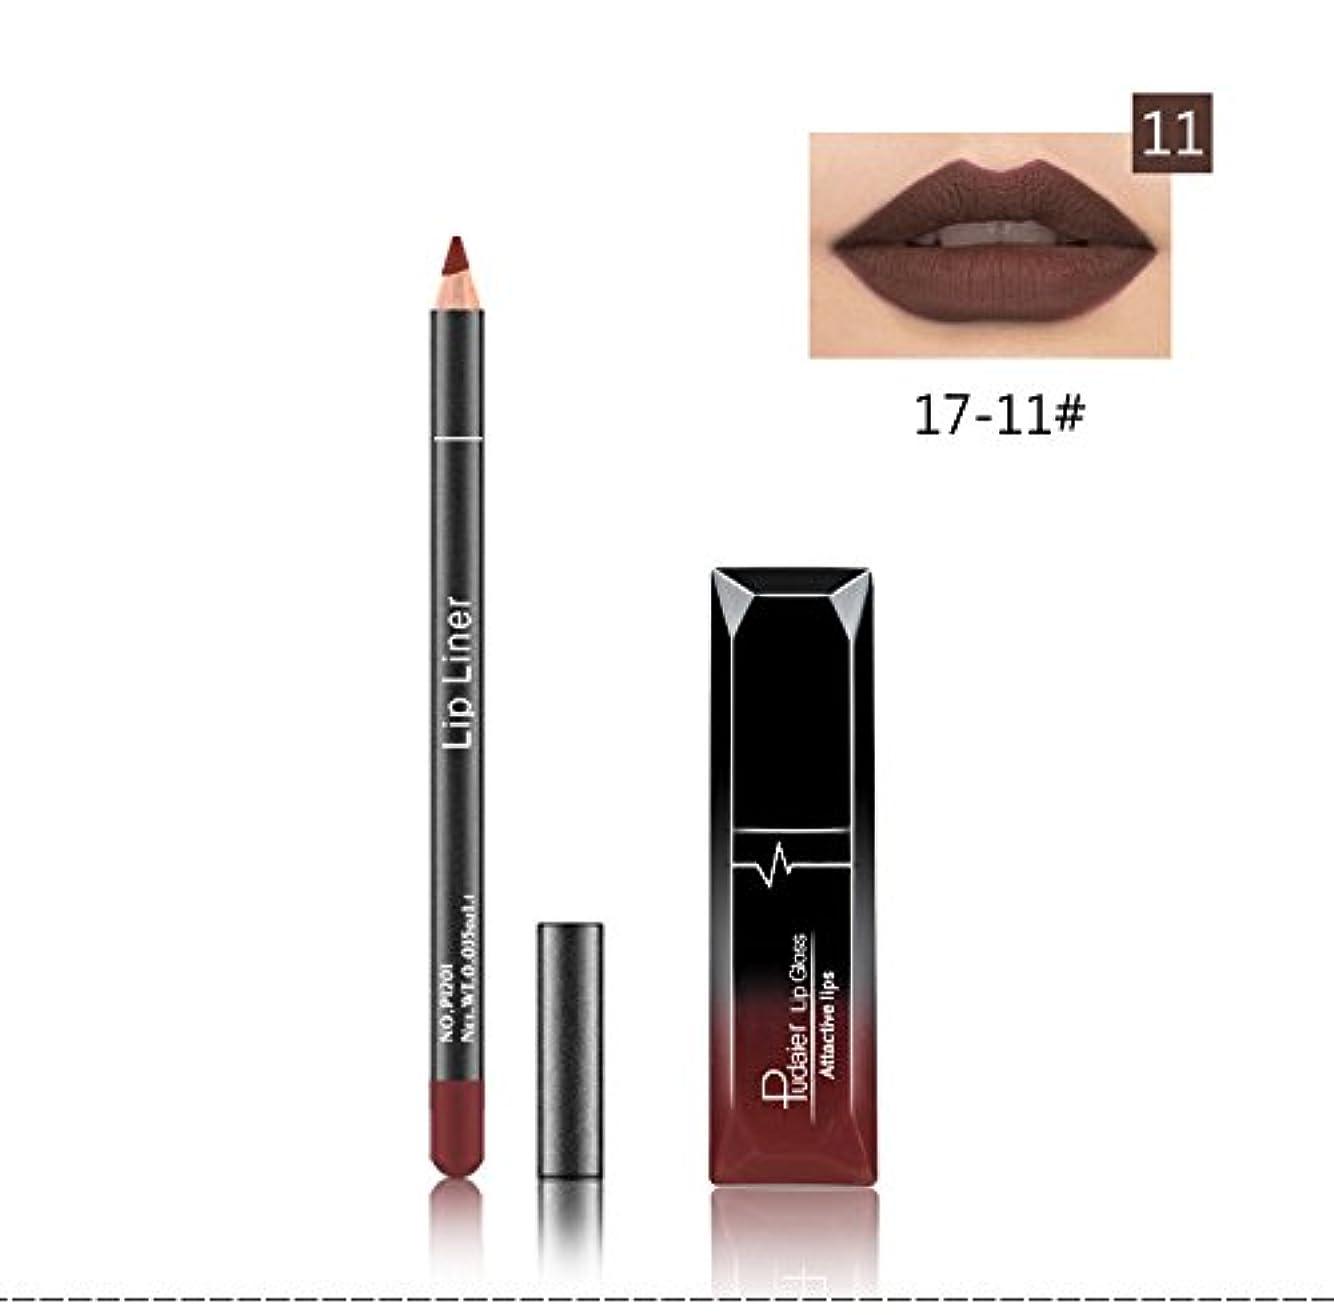 無とまり木応じる(11) Pudaier 1pc Matte Liquid Lipstick Cosmetic Lip Kit+ 1 Pc Nude Lip Liner Pencil MakeUp Set Waterproof Long...